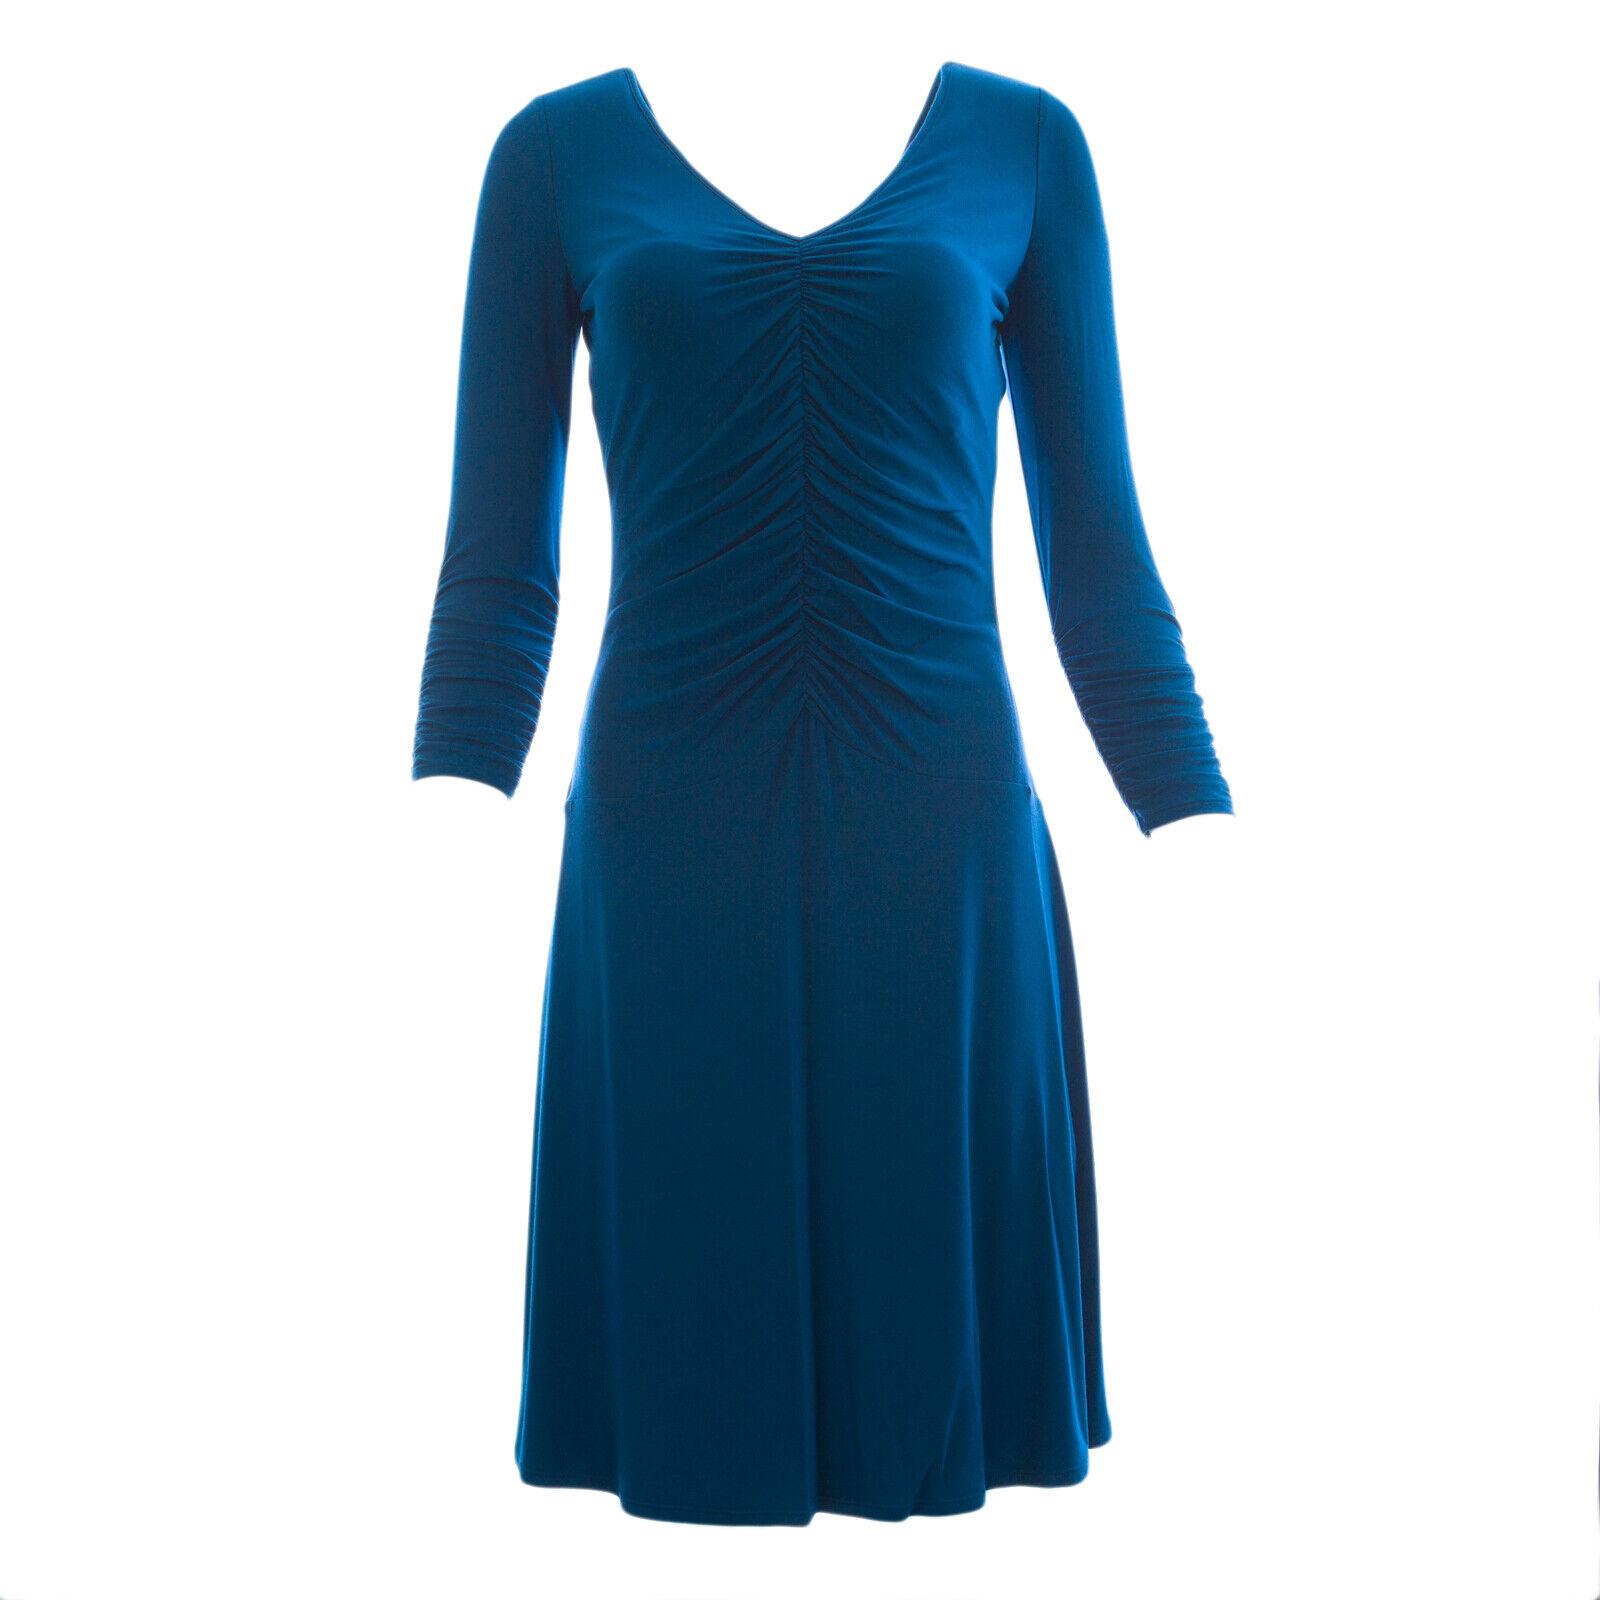 Nue durch das Shani Damen Pfauenblau V-Ausschnitt Rüschenkleid S257